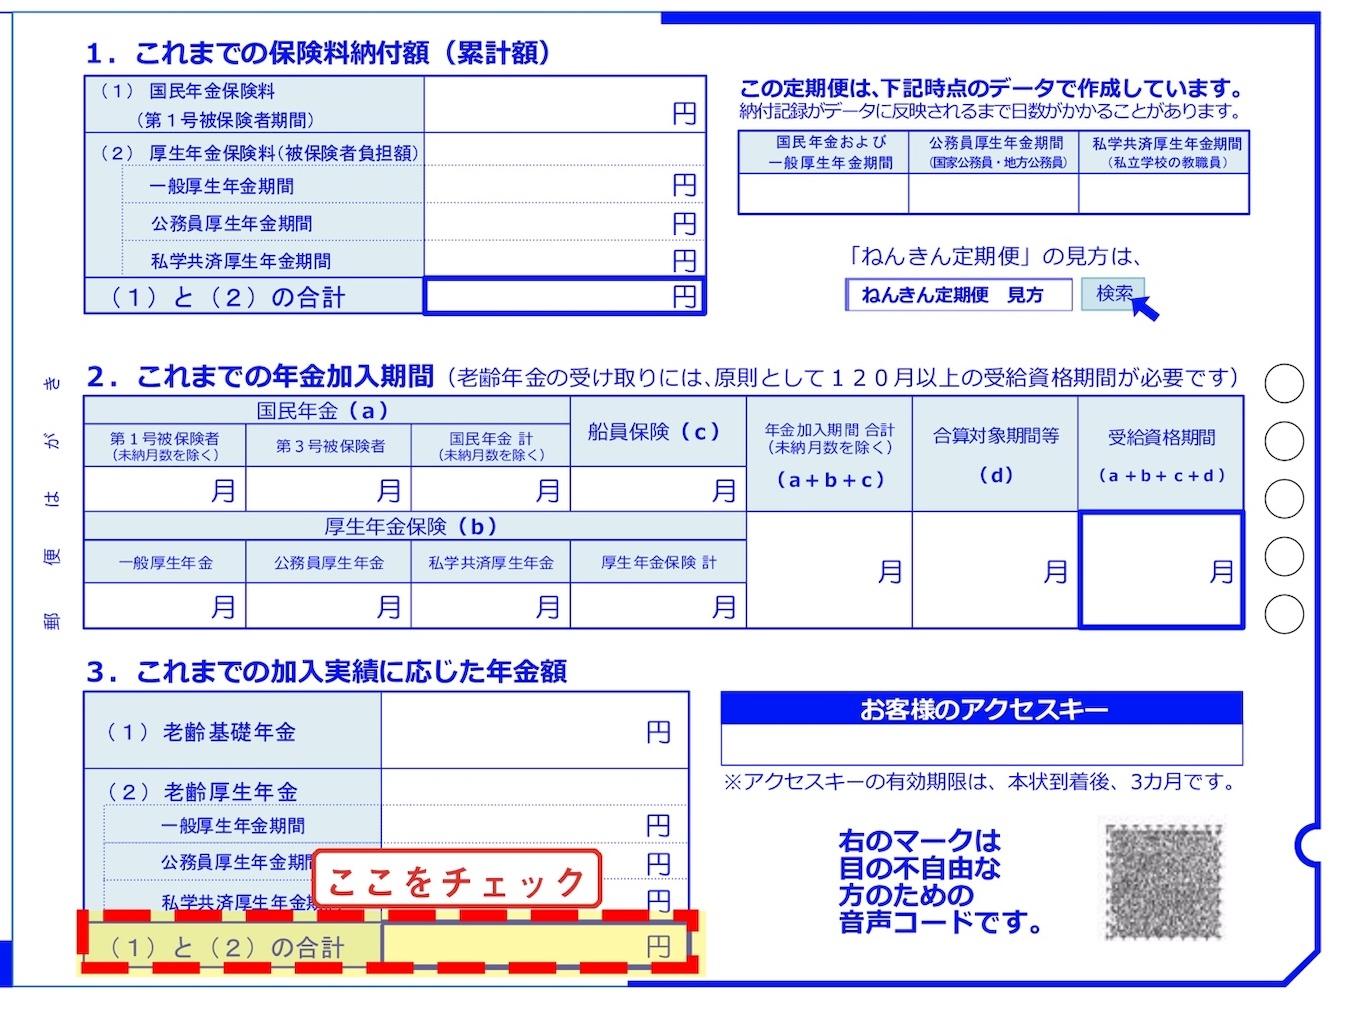 ※日本年金機構 「令和2年度「ねんきん定期便」(50歳未満)ウラ」より編集部にて加工